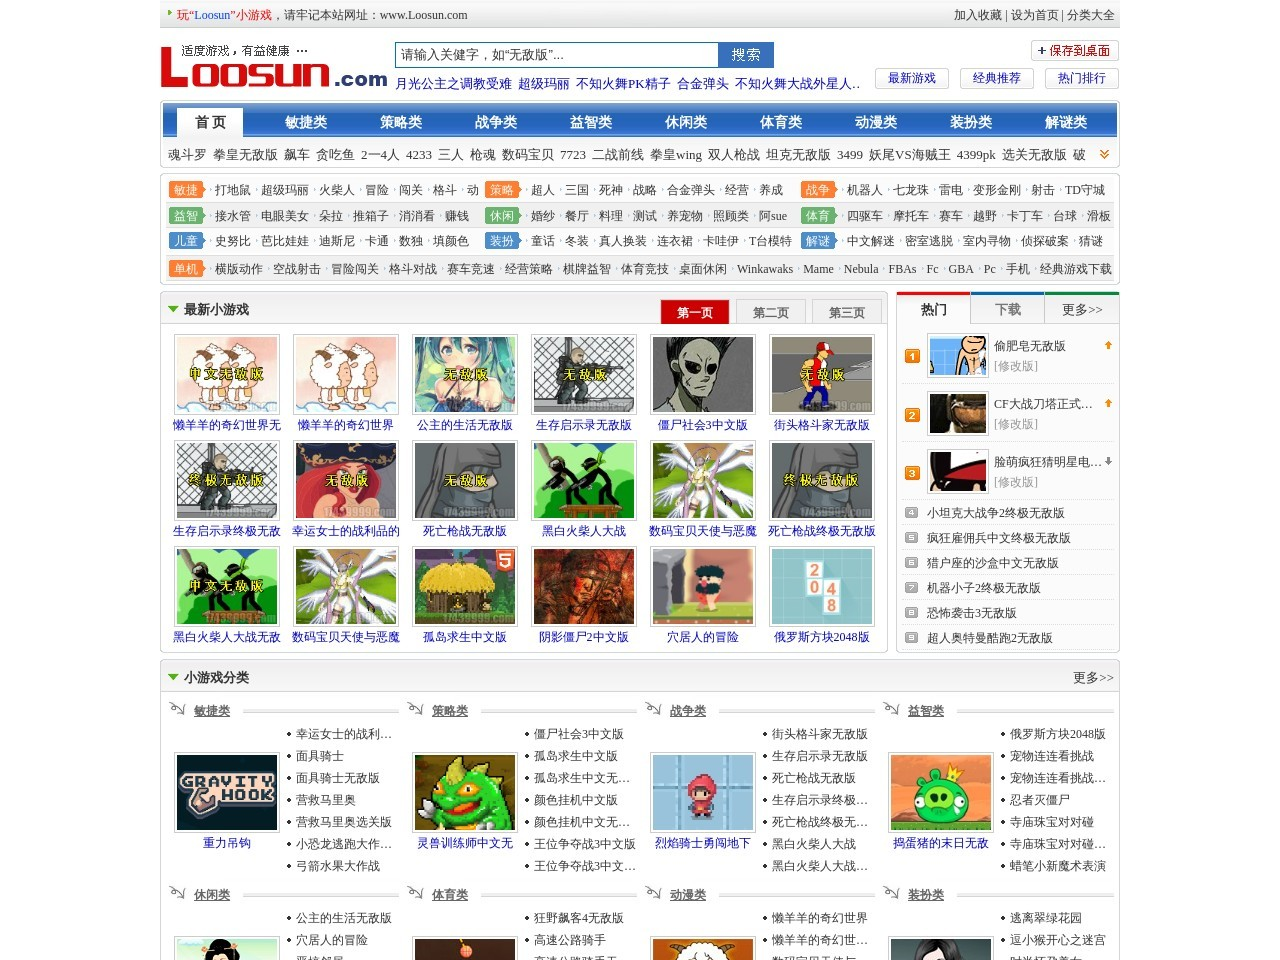 免费在线小游戏马上玩,街机单机游戏下载,Loosun游戏大全